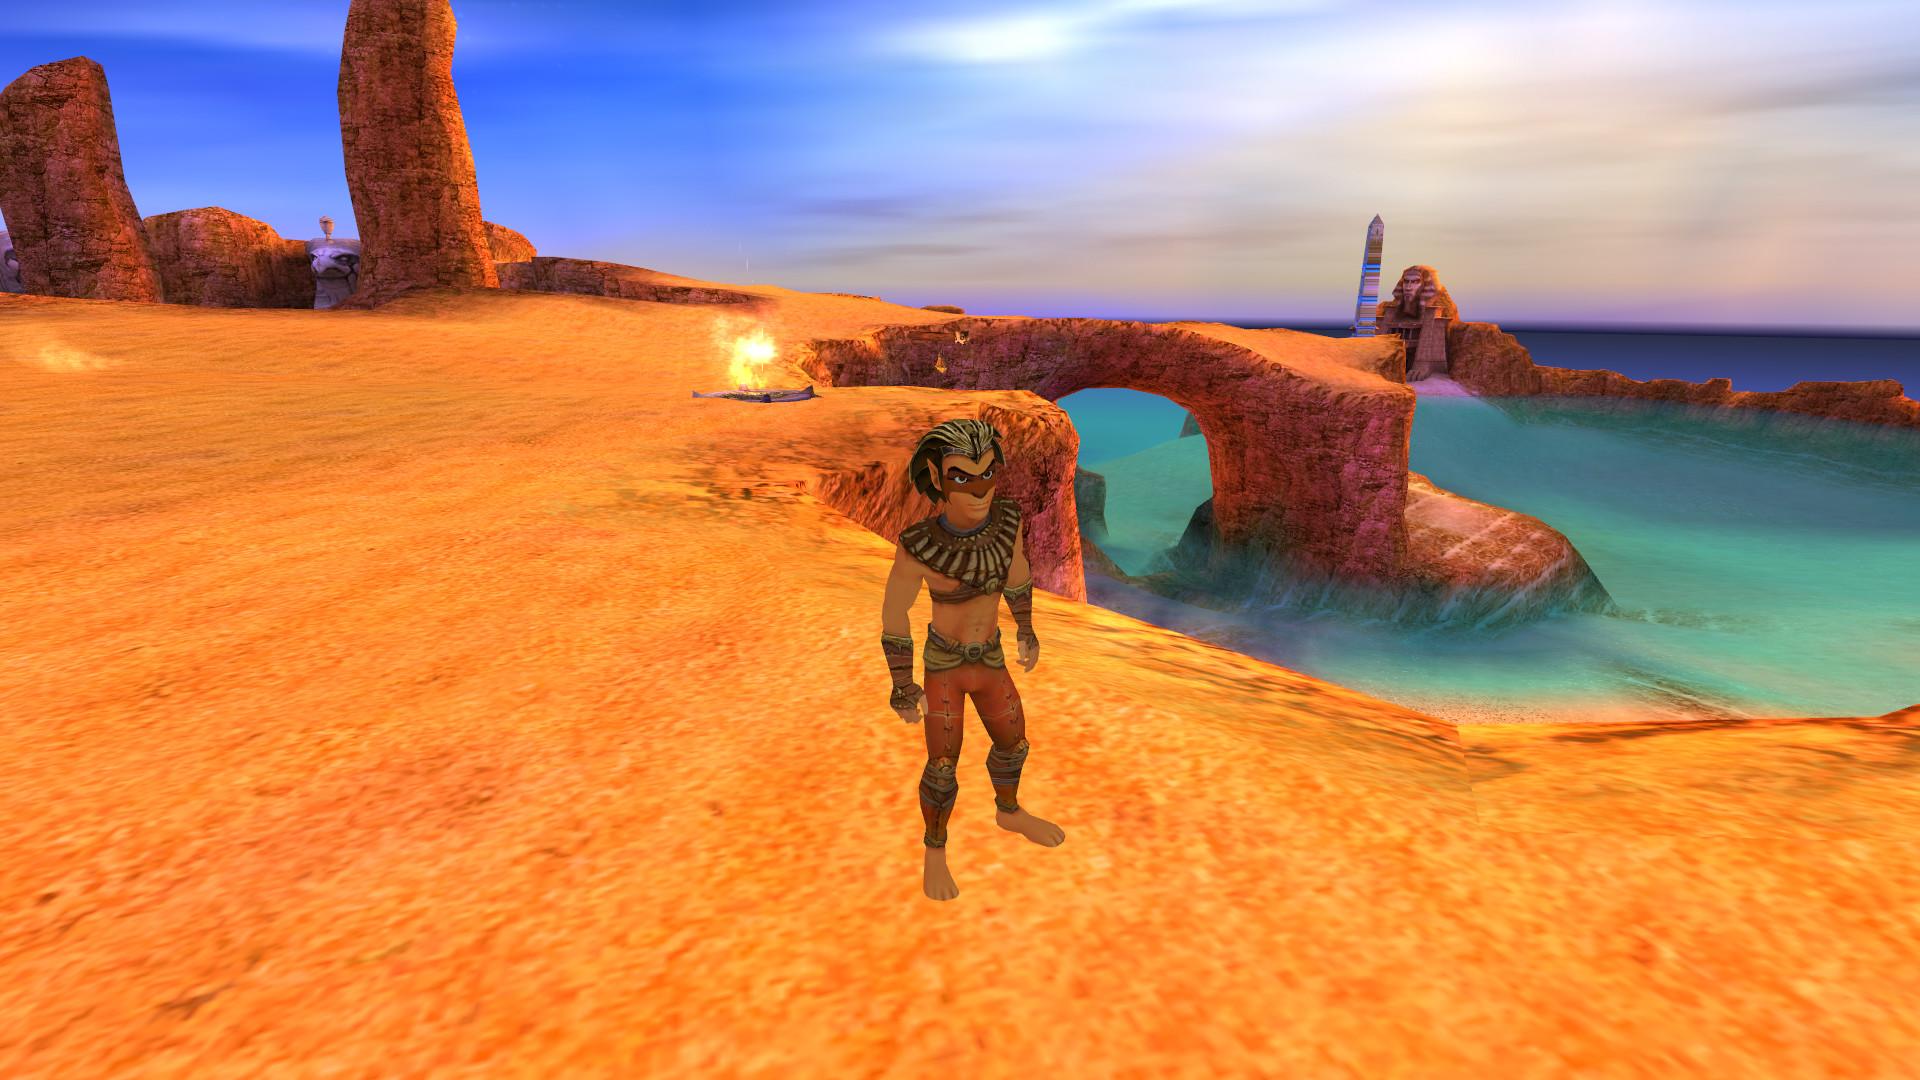 這是任天堂GameCube游戏列表這篇文章的第6張圖